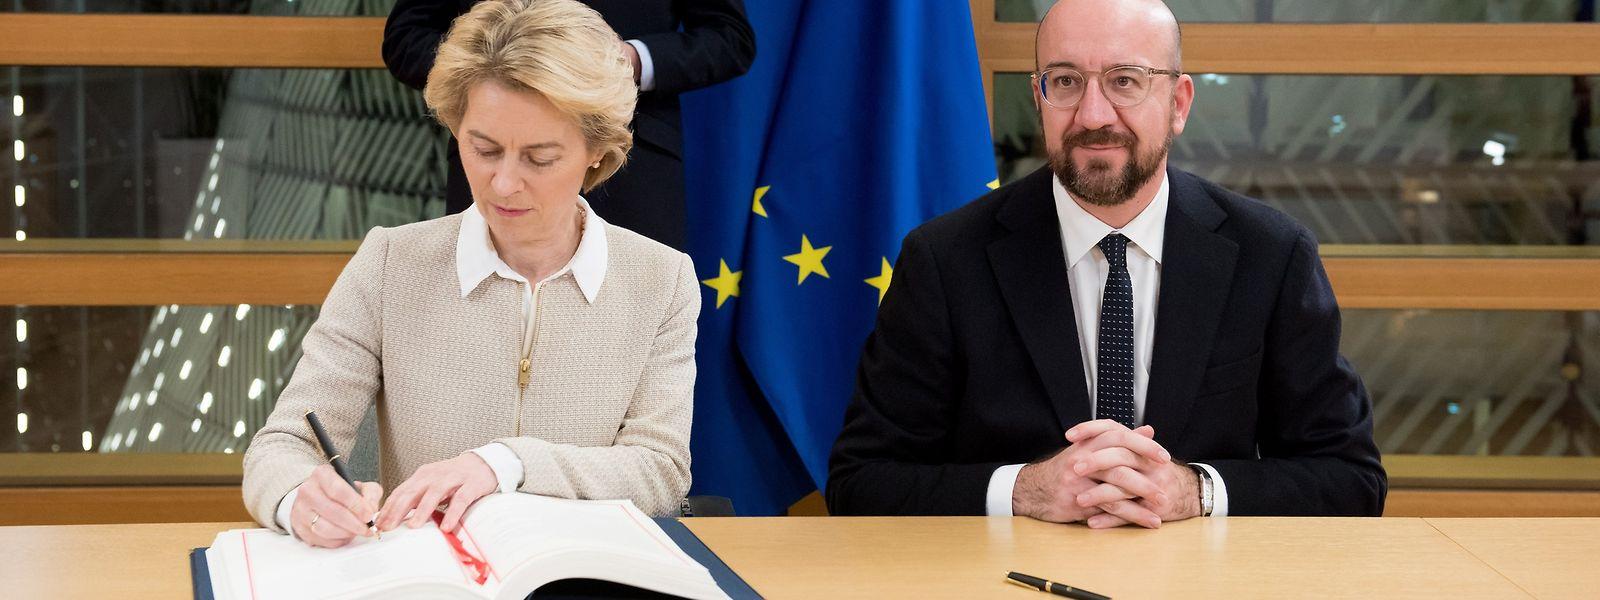 Nach der Unterzeichnung kann der Vertrag durch das EU-Parlament ratifziert werden.